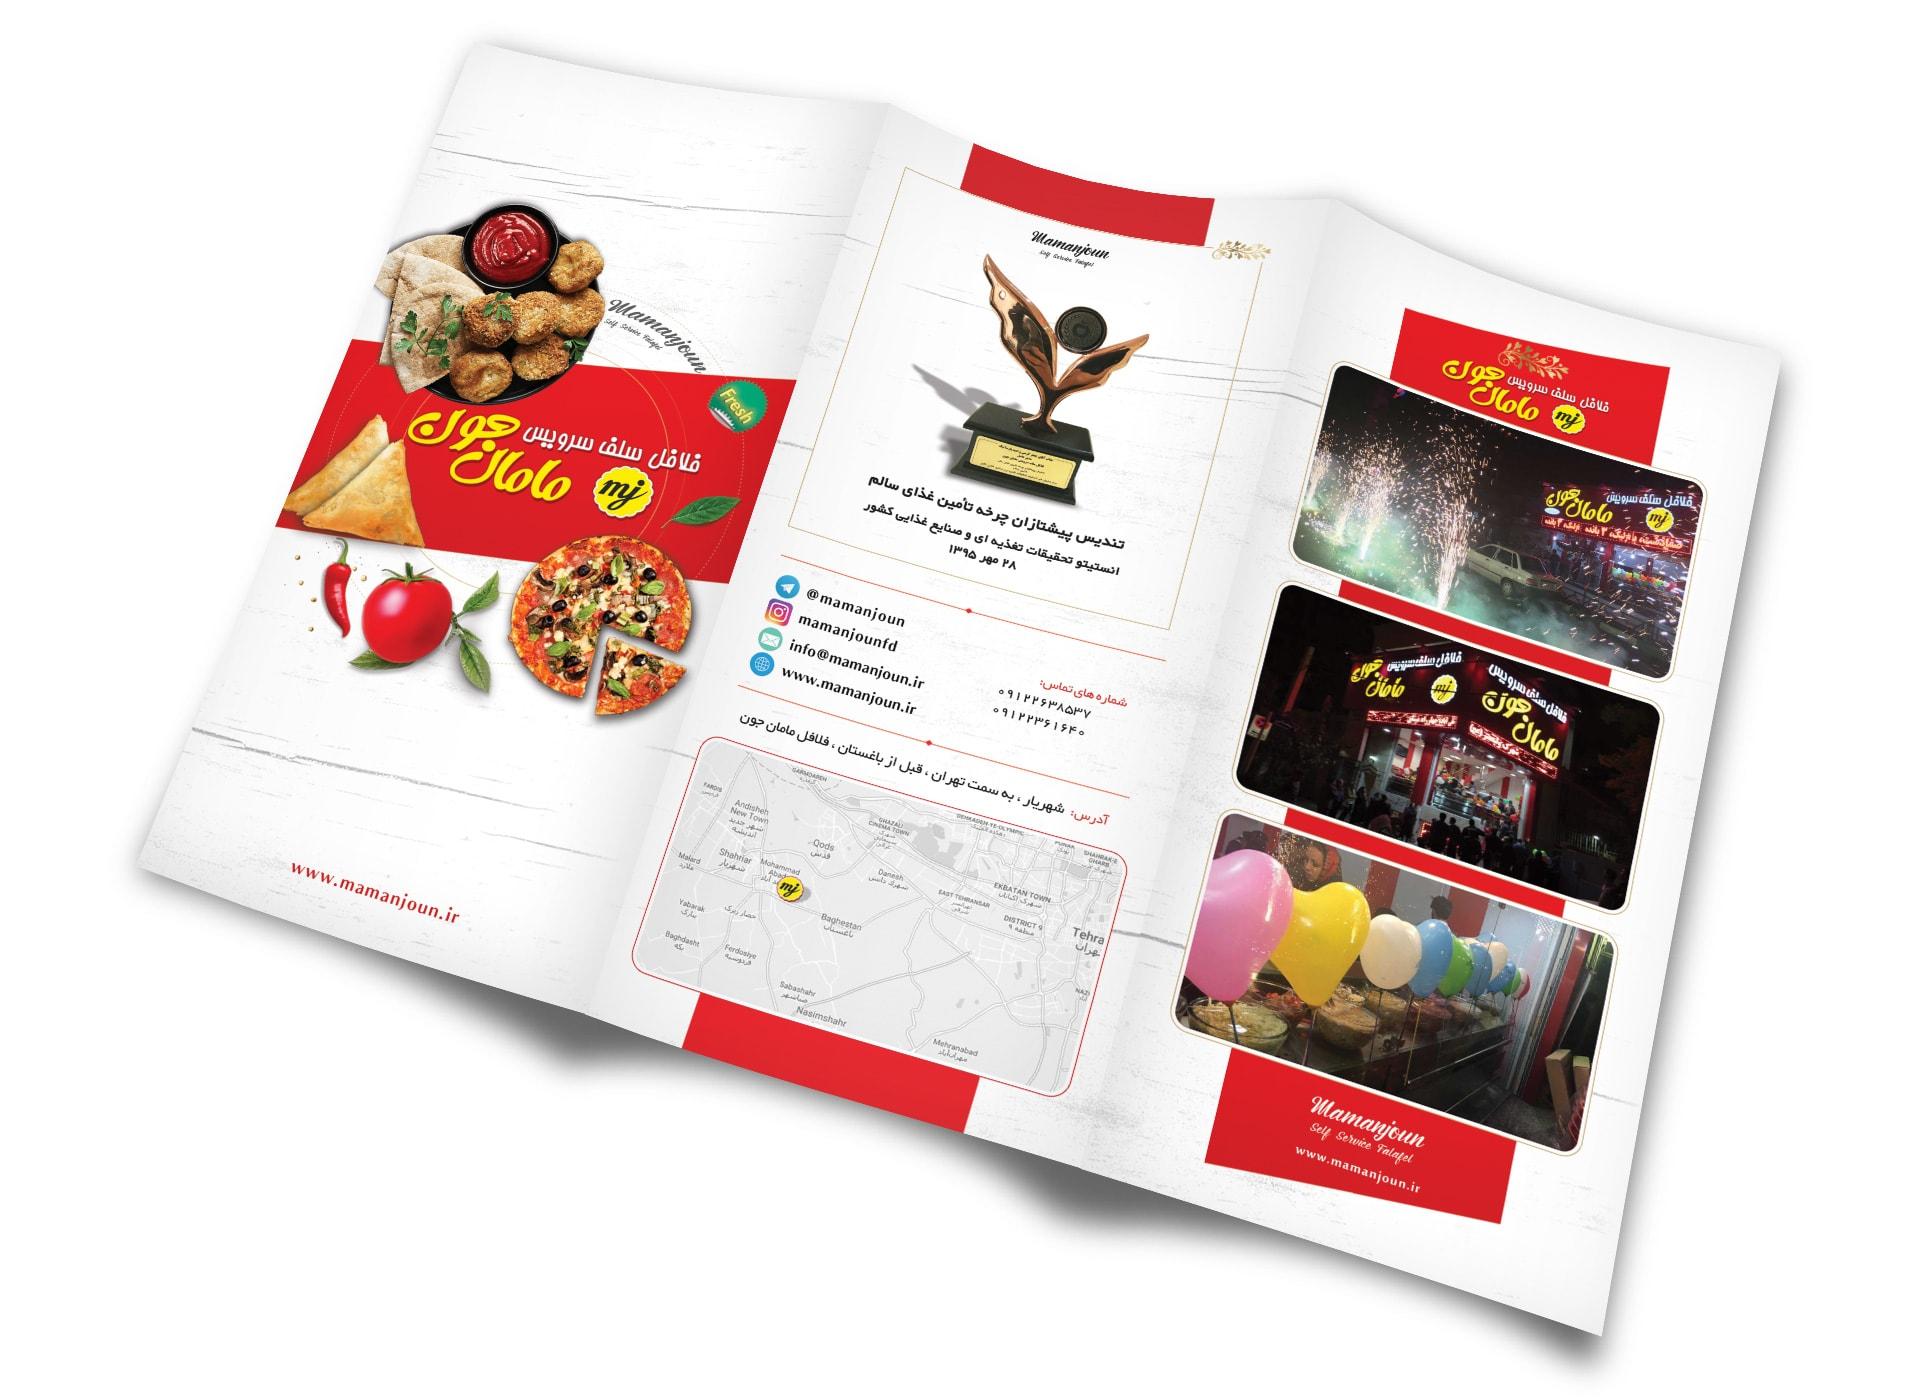 mamanjoun falafel - self service iranian top fast food brands - knegar